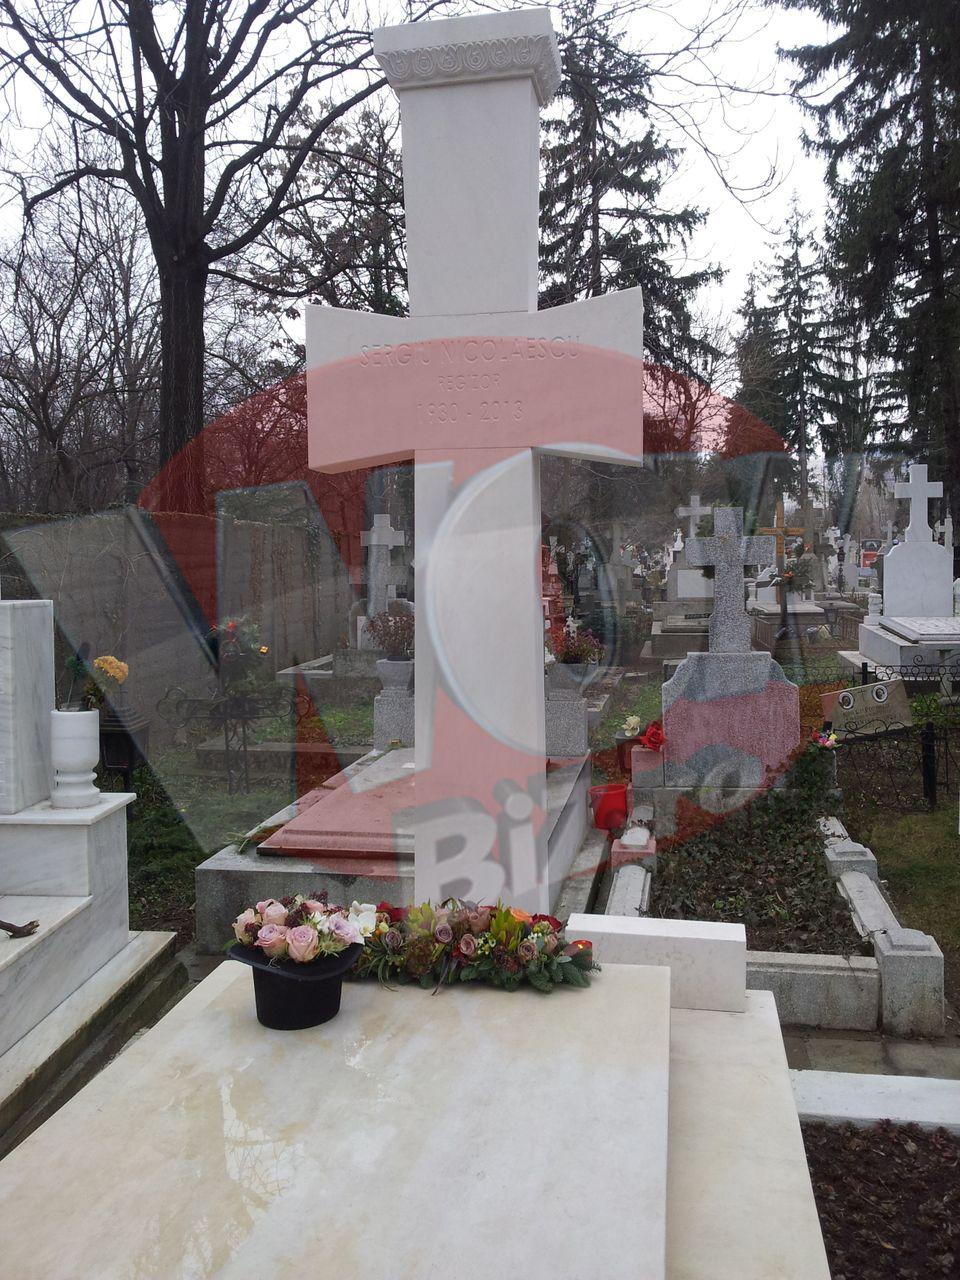 Exclusiv! Vezi cum arata mormantul lui Sergiu Nicolaescu din Cimitirul Bellu Militar! Vaduva regizorului i-a facut si parastas de un an